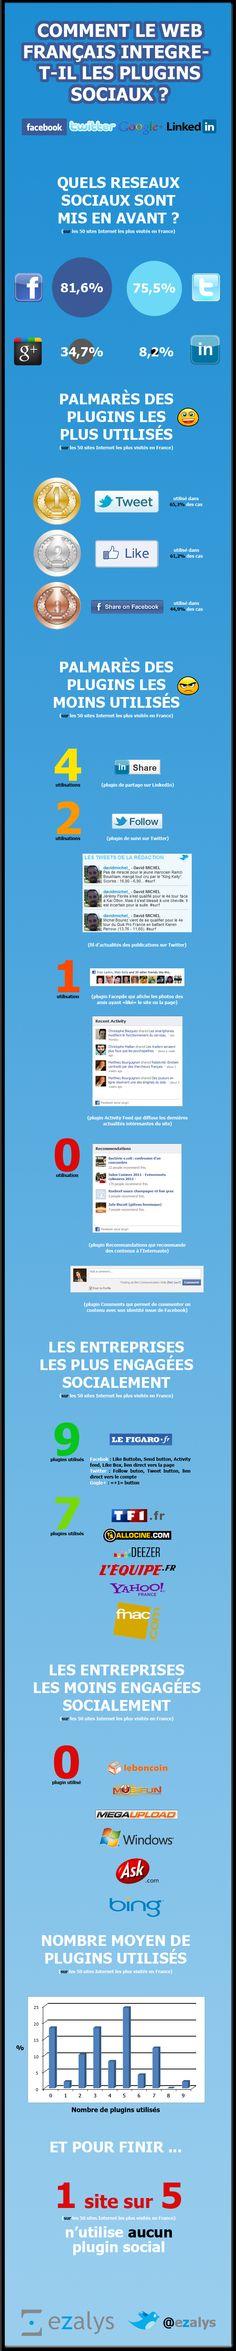 Comment le web français integre-t-il les social plugins ?